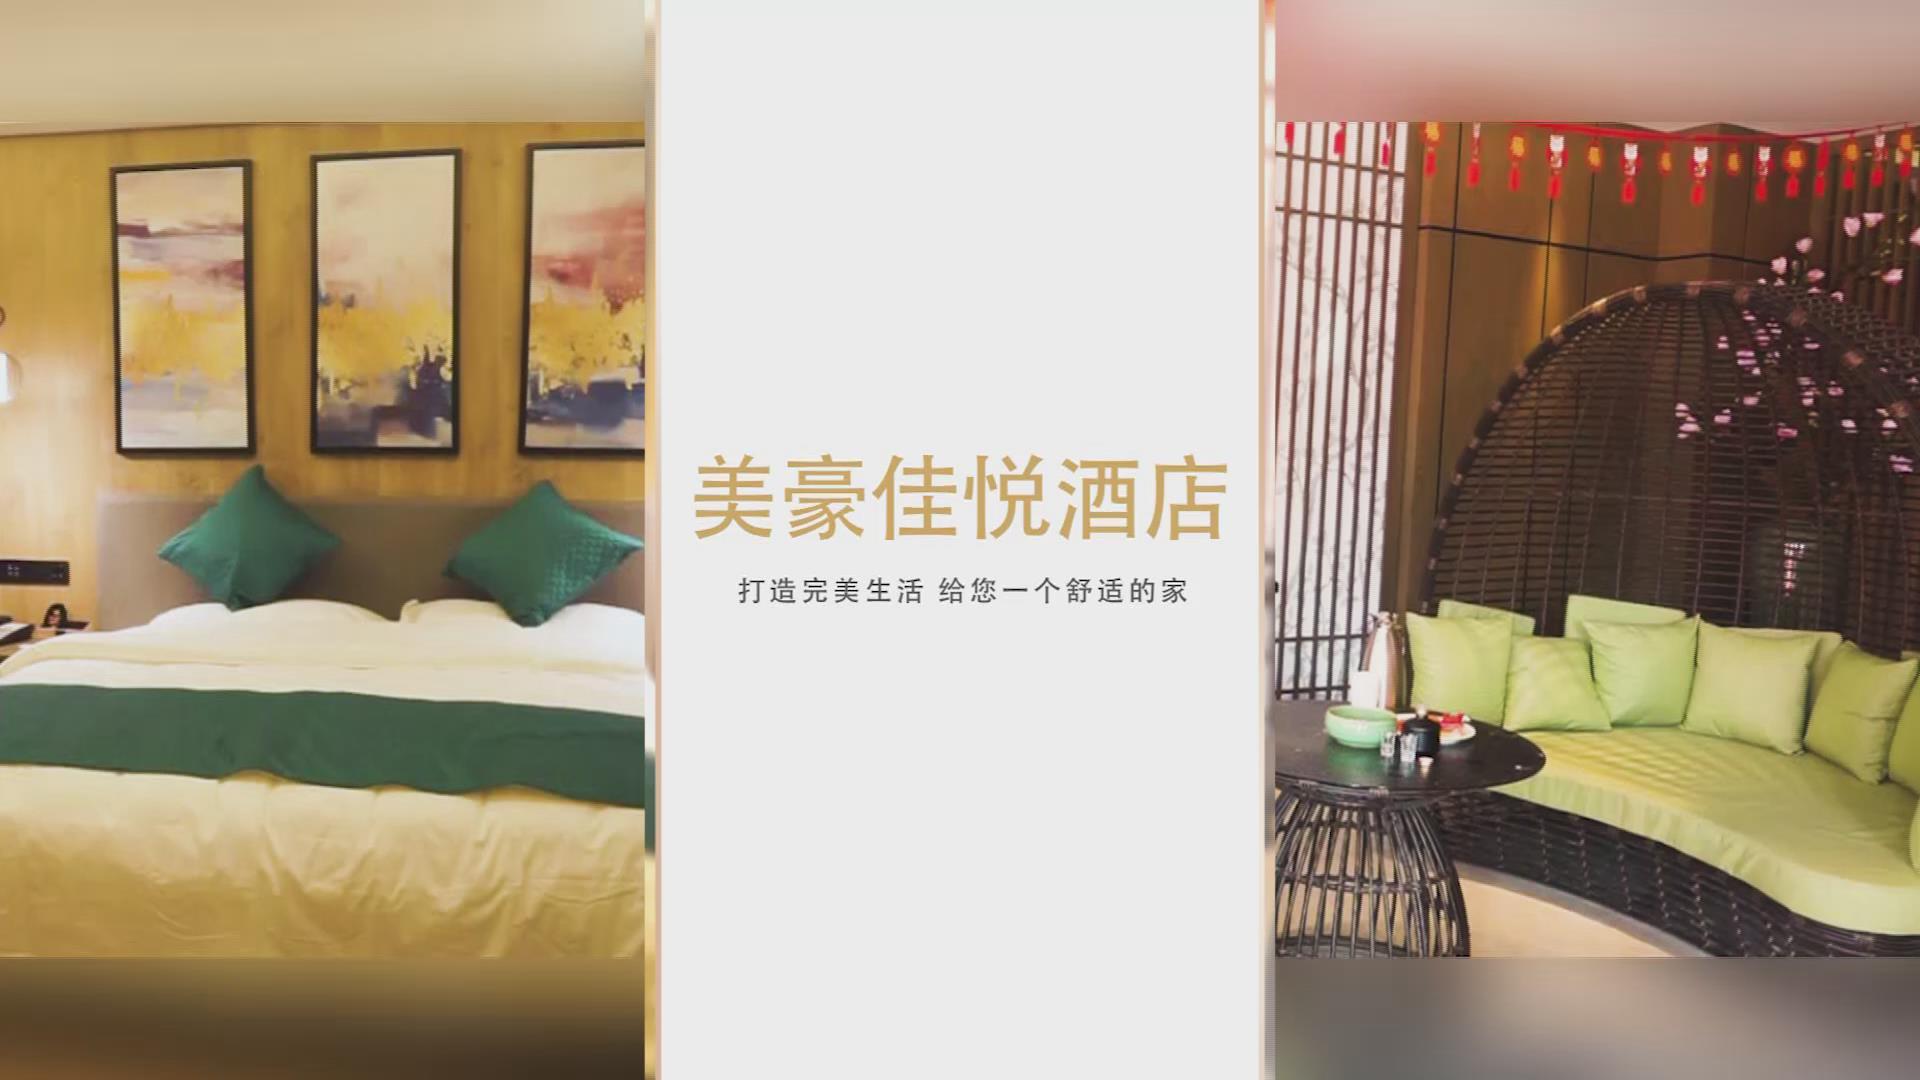 雁塔區二維動畫案例-美豪佳悅酒店宣傳片